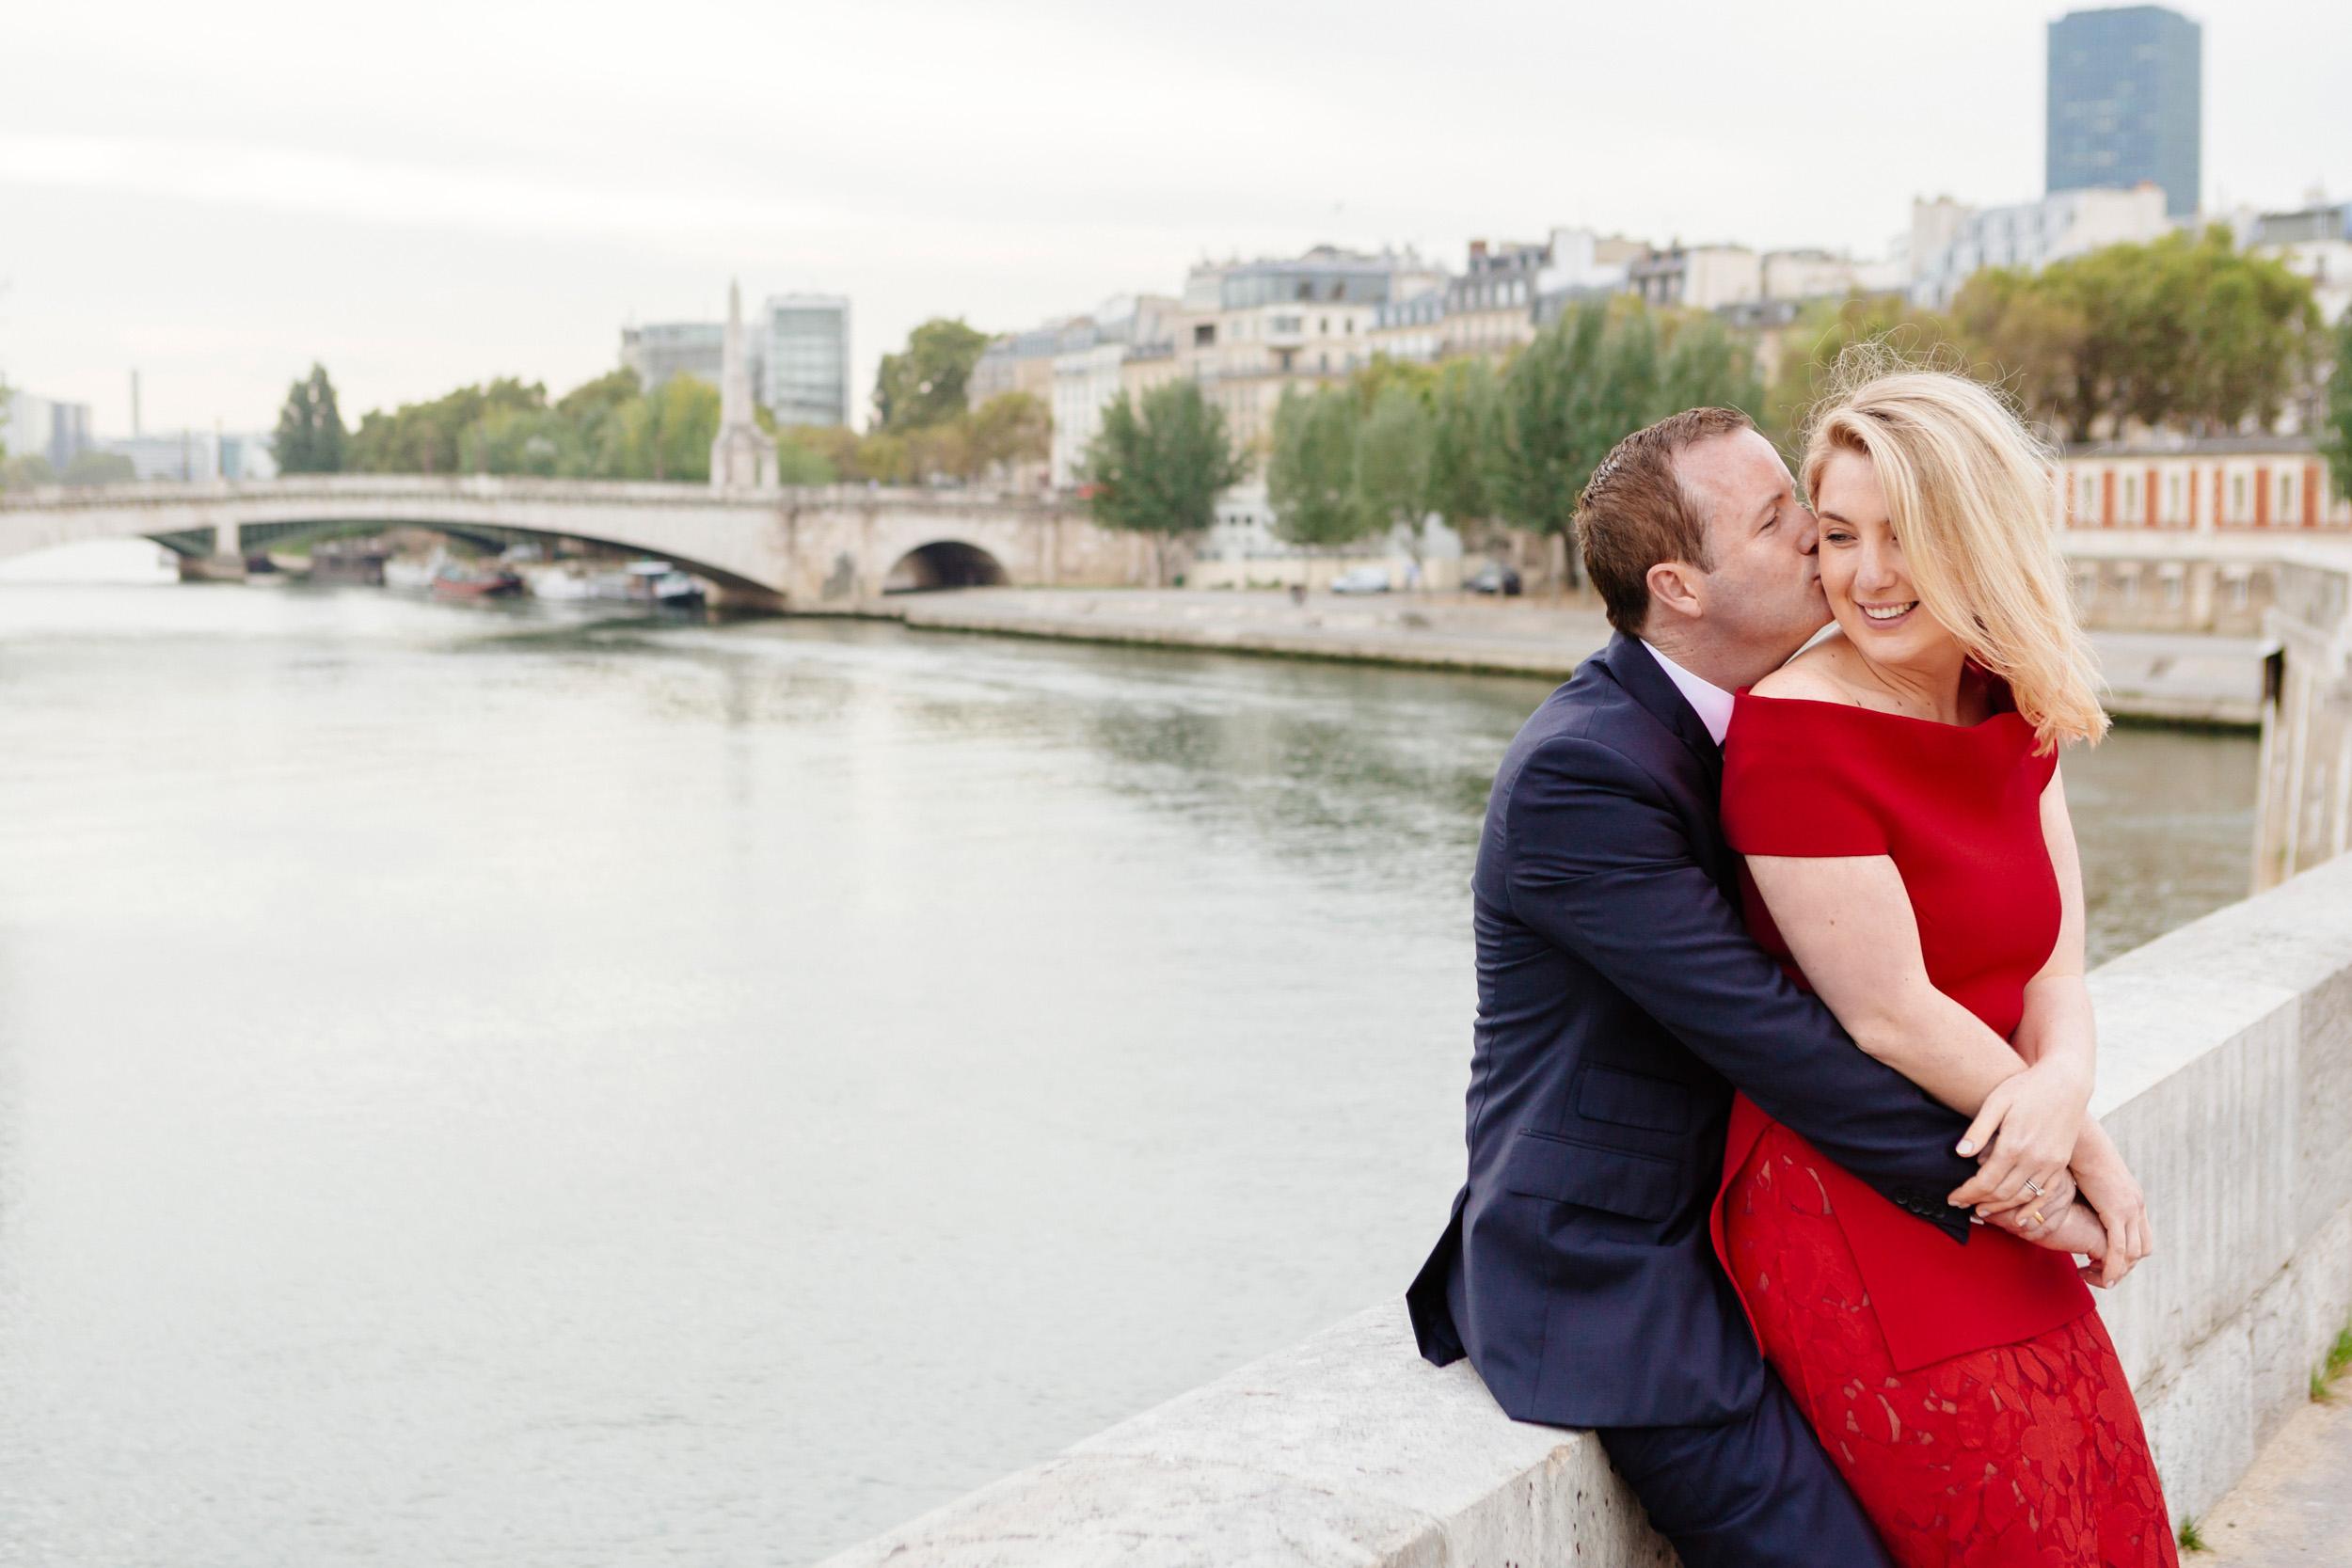 Romantic portrait of a couple hugging at Ile de la Cite with the view of Seine river captured by Paris Photographer Federico Guendel www.iheartparis.fr